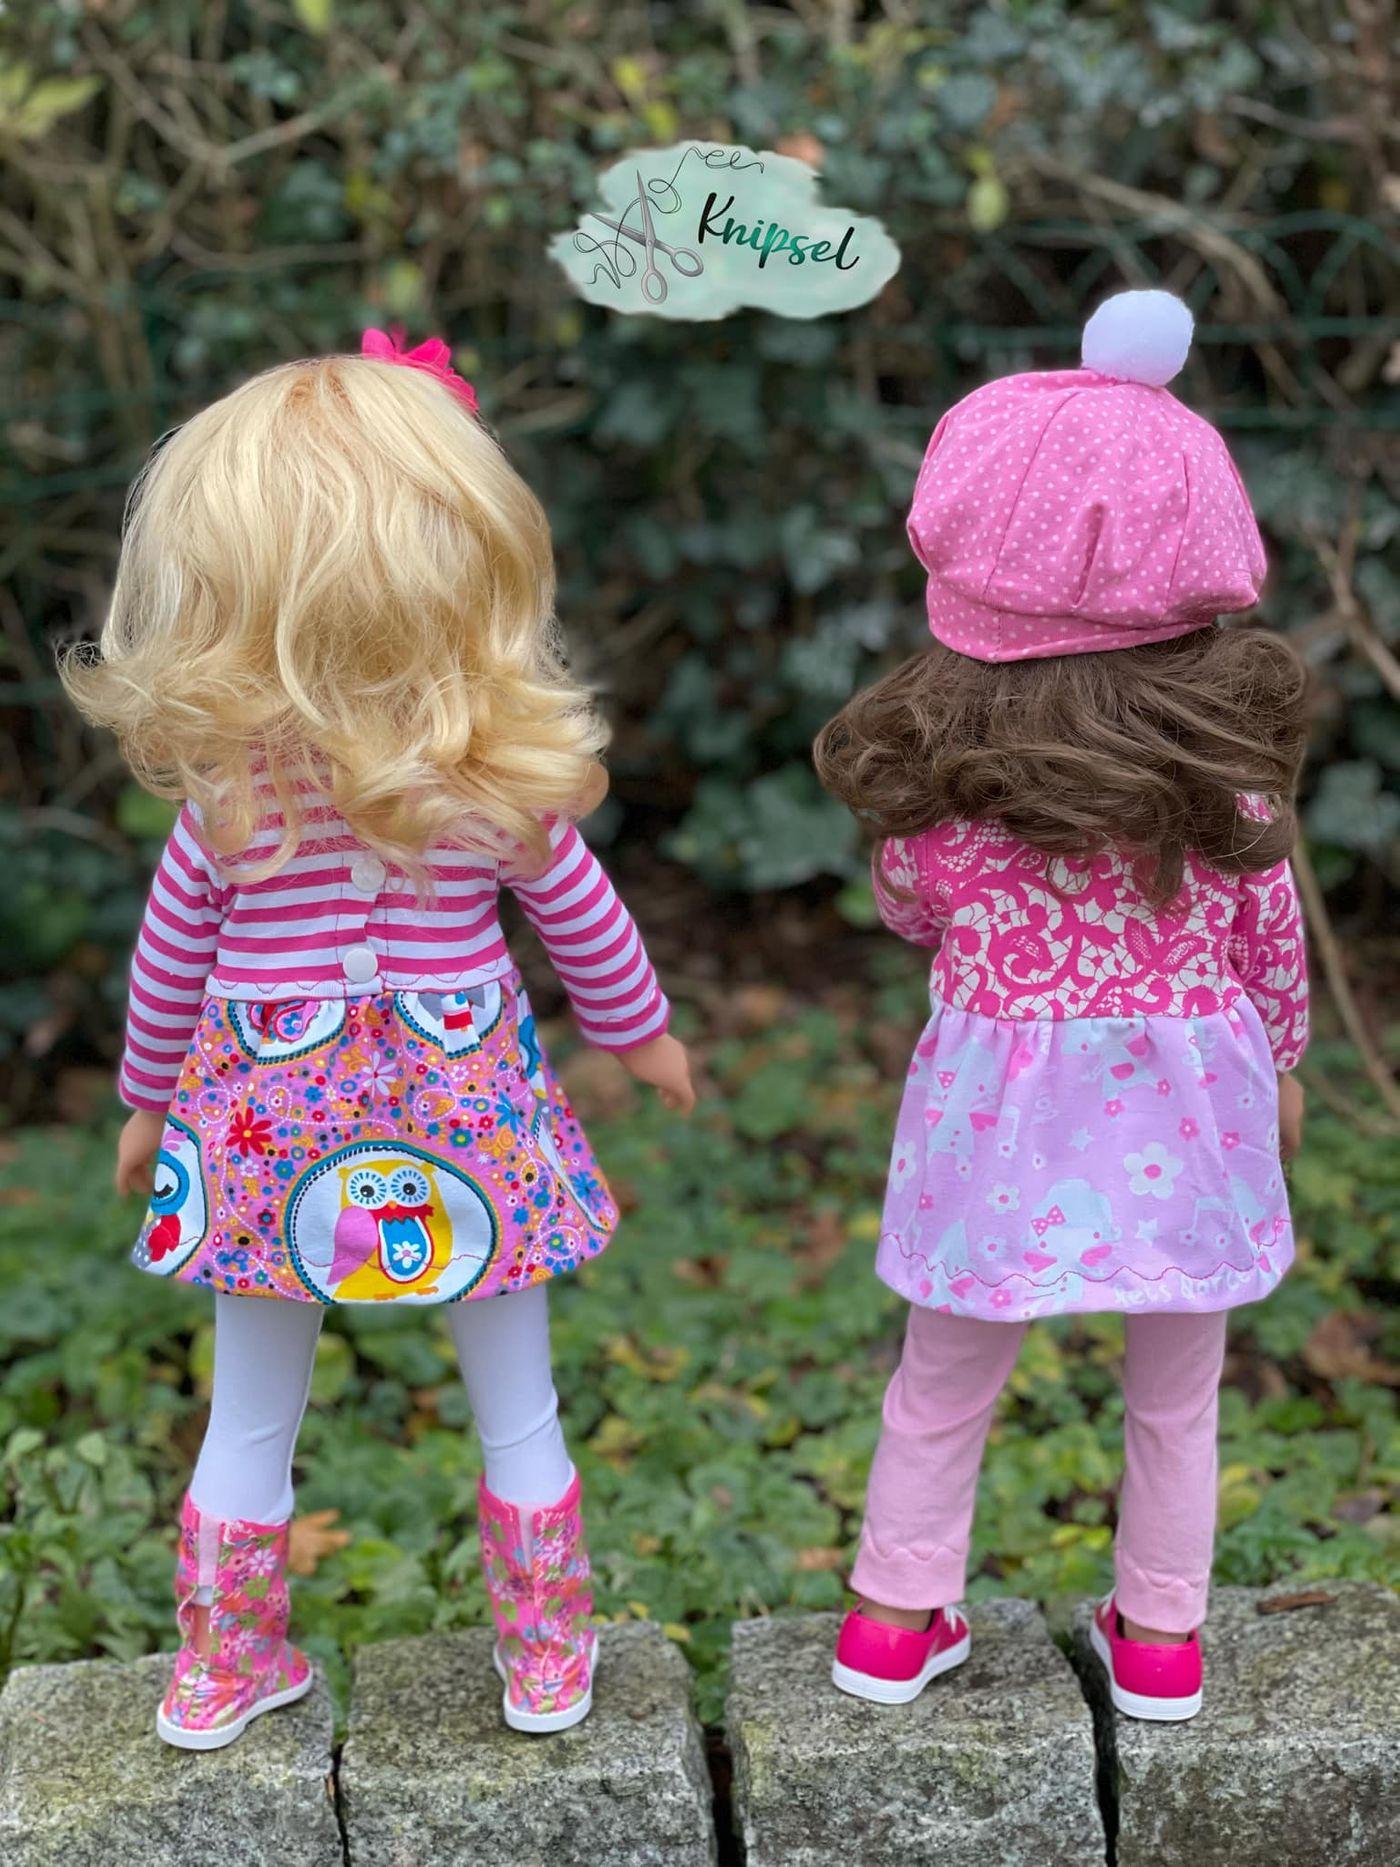 Produktfoto 10 von Happy Pearl für Schnittmuster Little Keyla + Happy Keyla - Tunika und 43cm Puppenschnitt